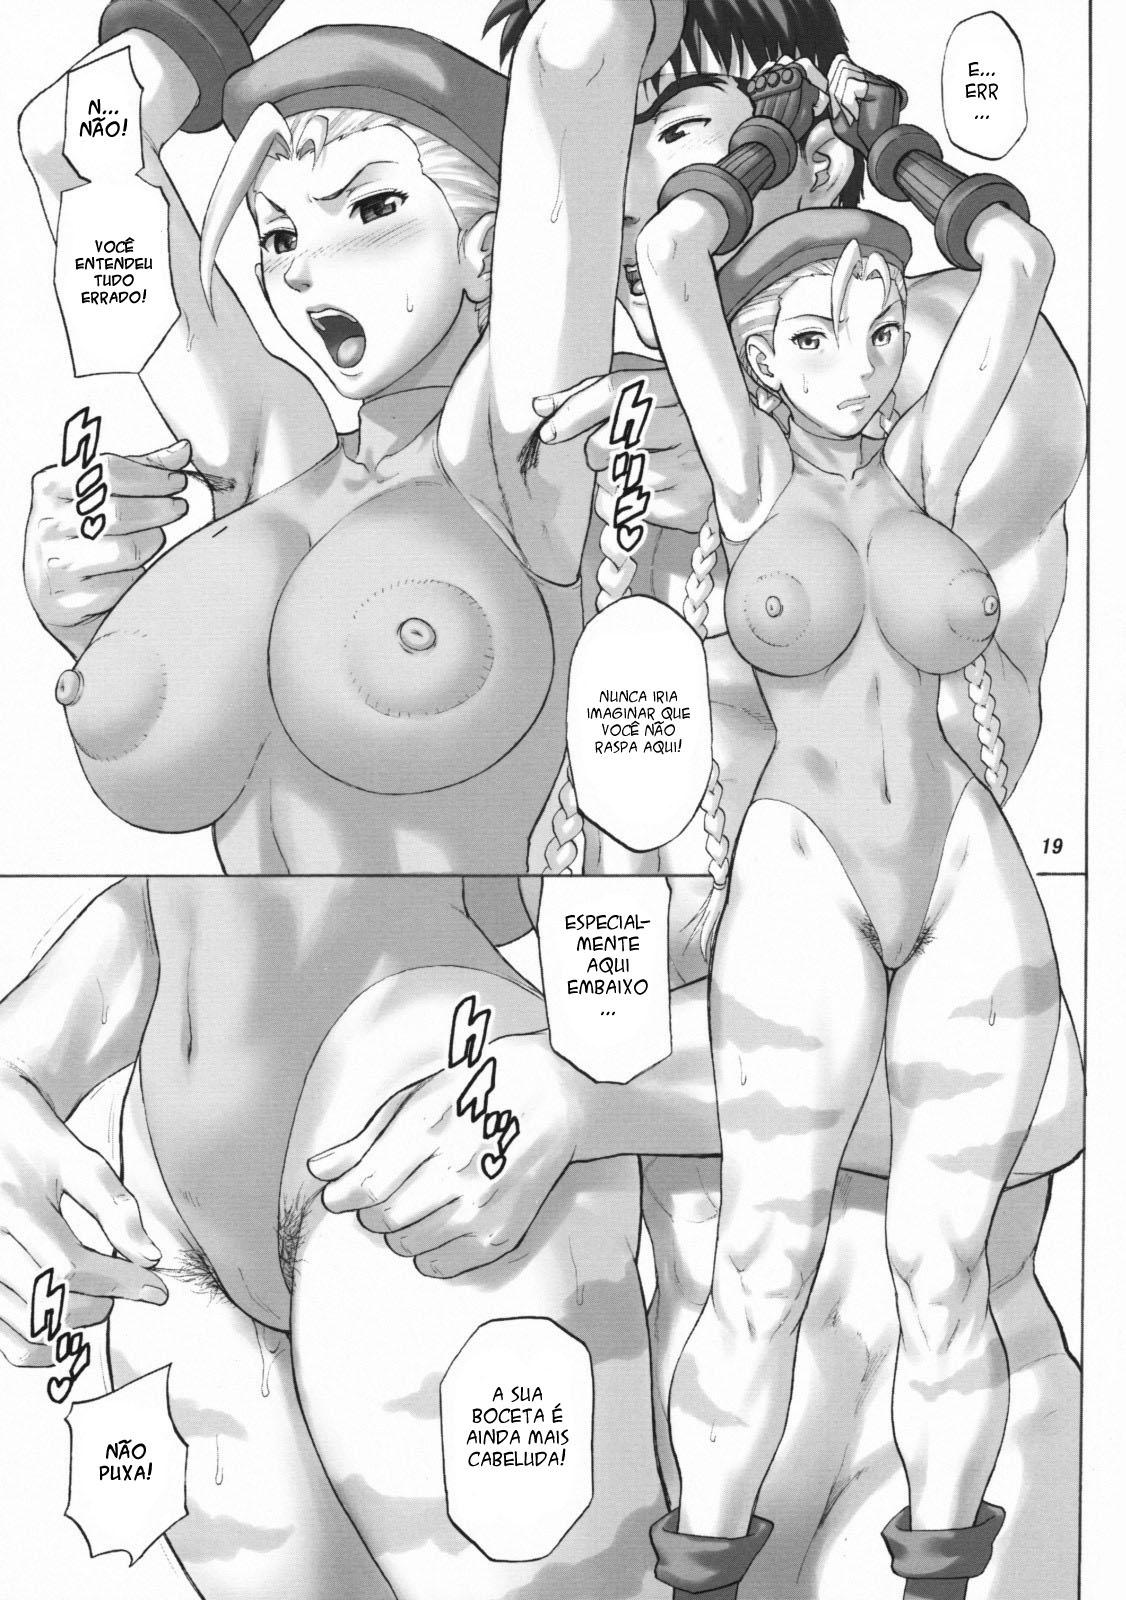 Street Fighter Pornô: O comedor de cu